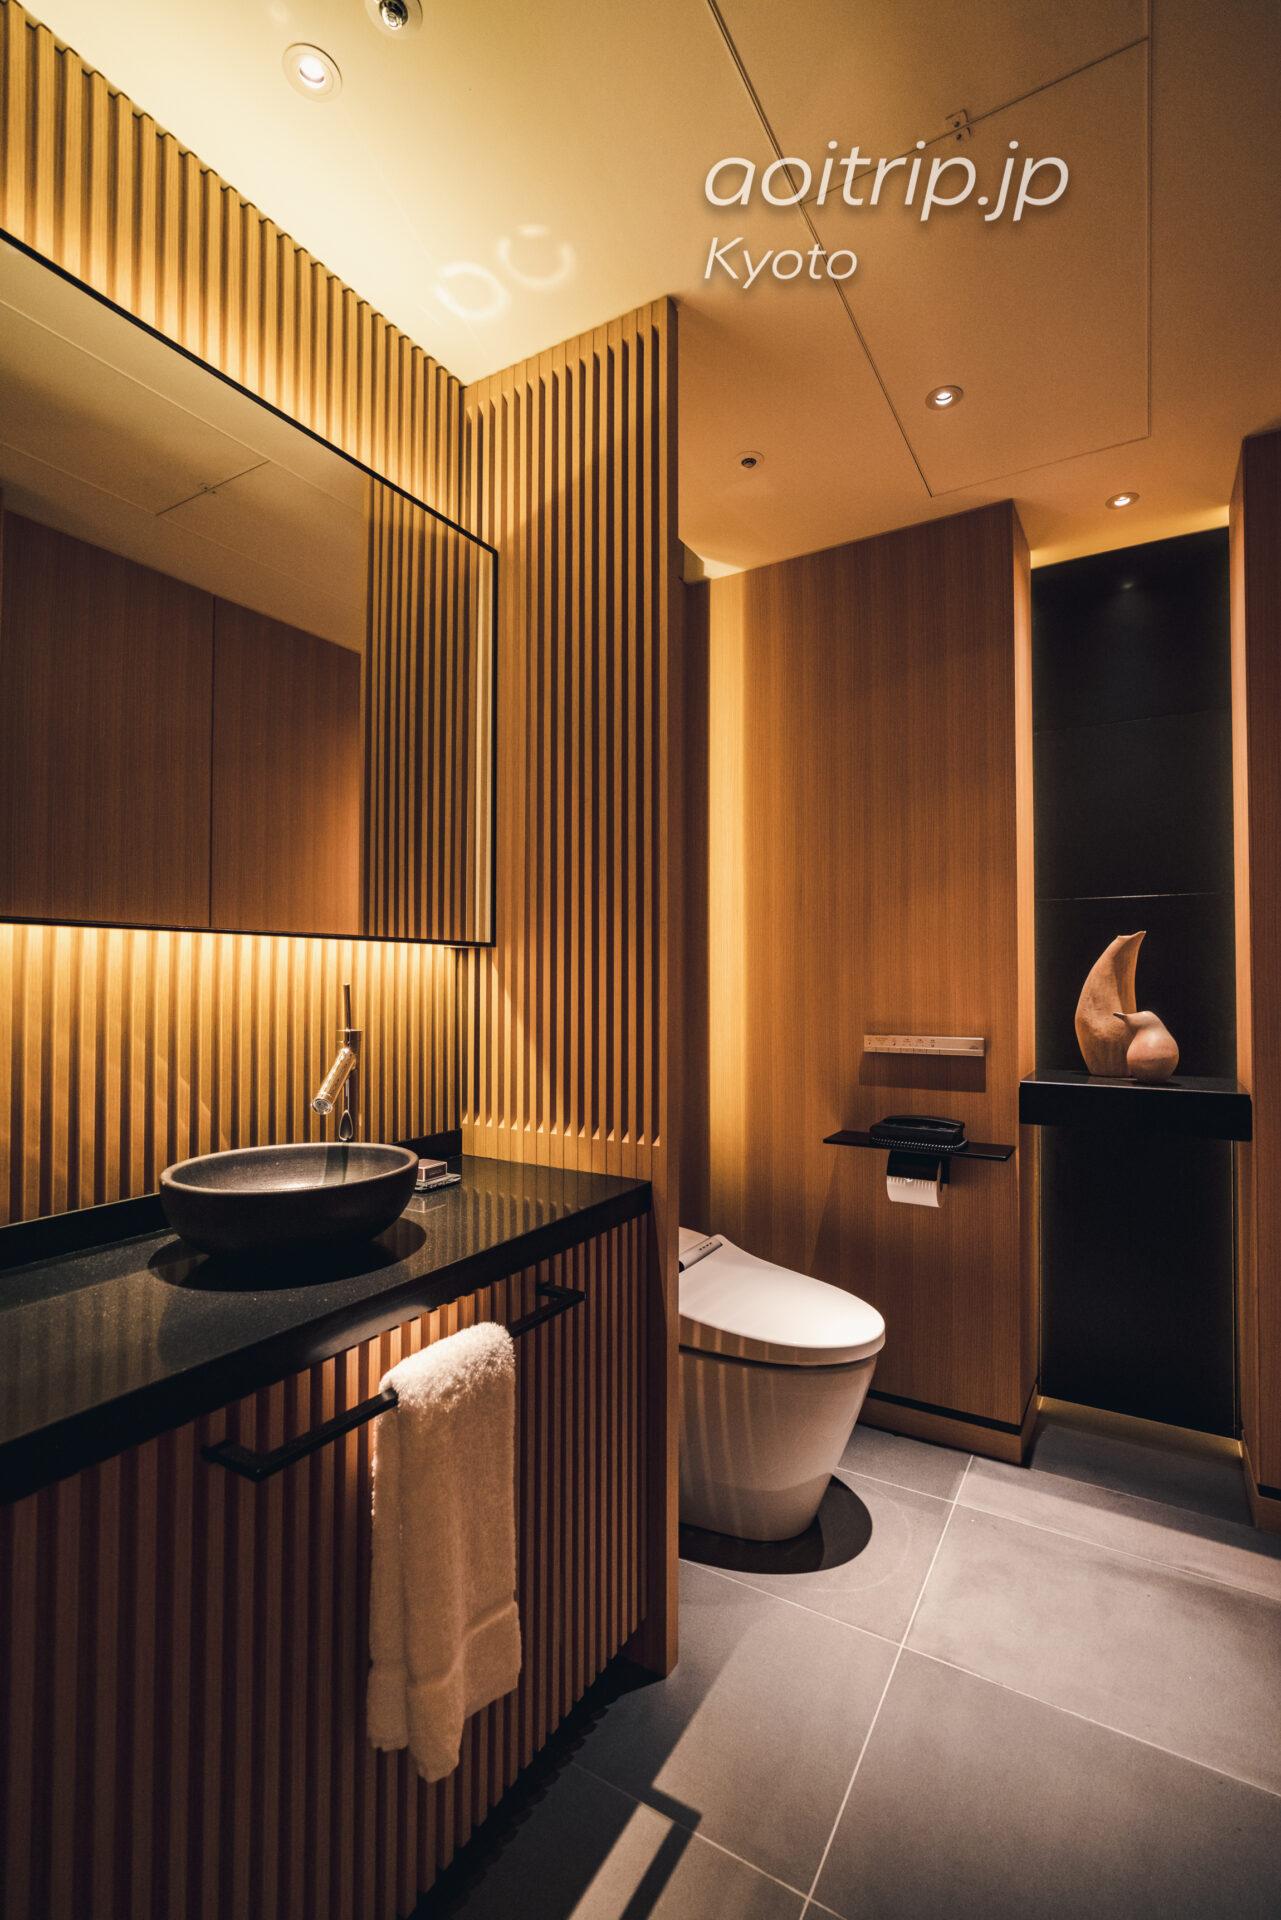 ザ リッツ カールトン京都 The Ritz-Carlton Kyoto コーナースイート KITA Courner Suite KITA 来客用トイレ